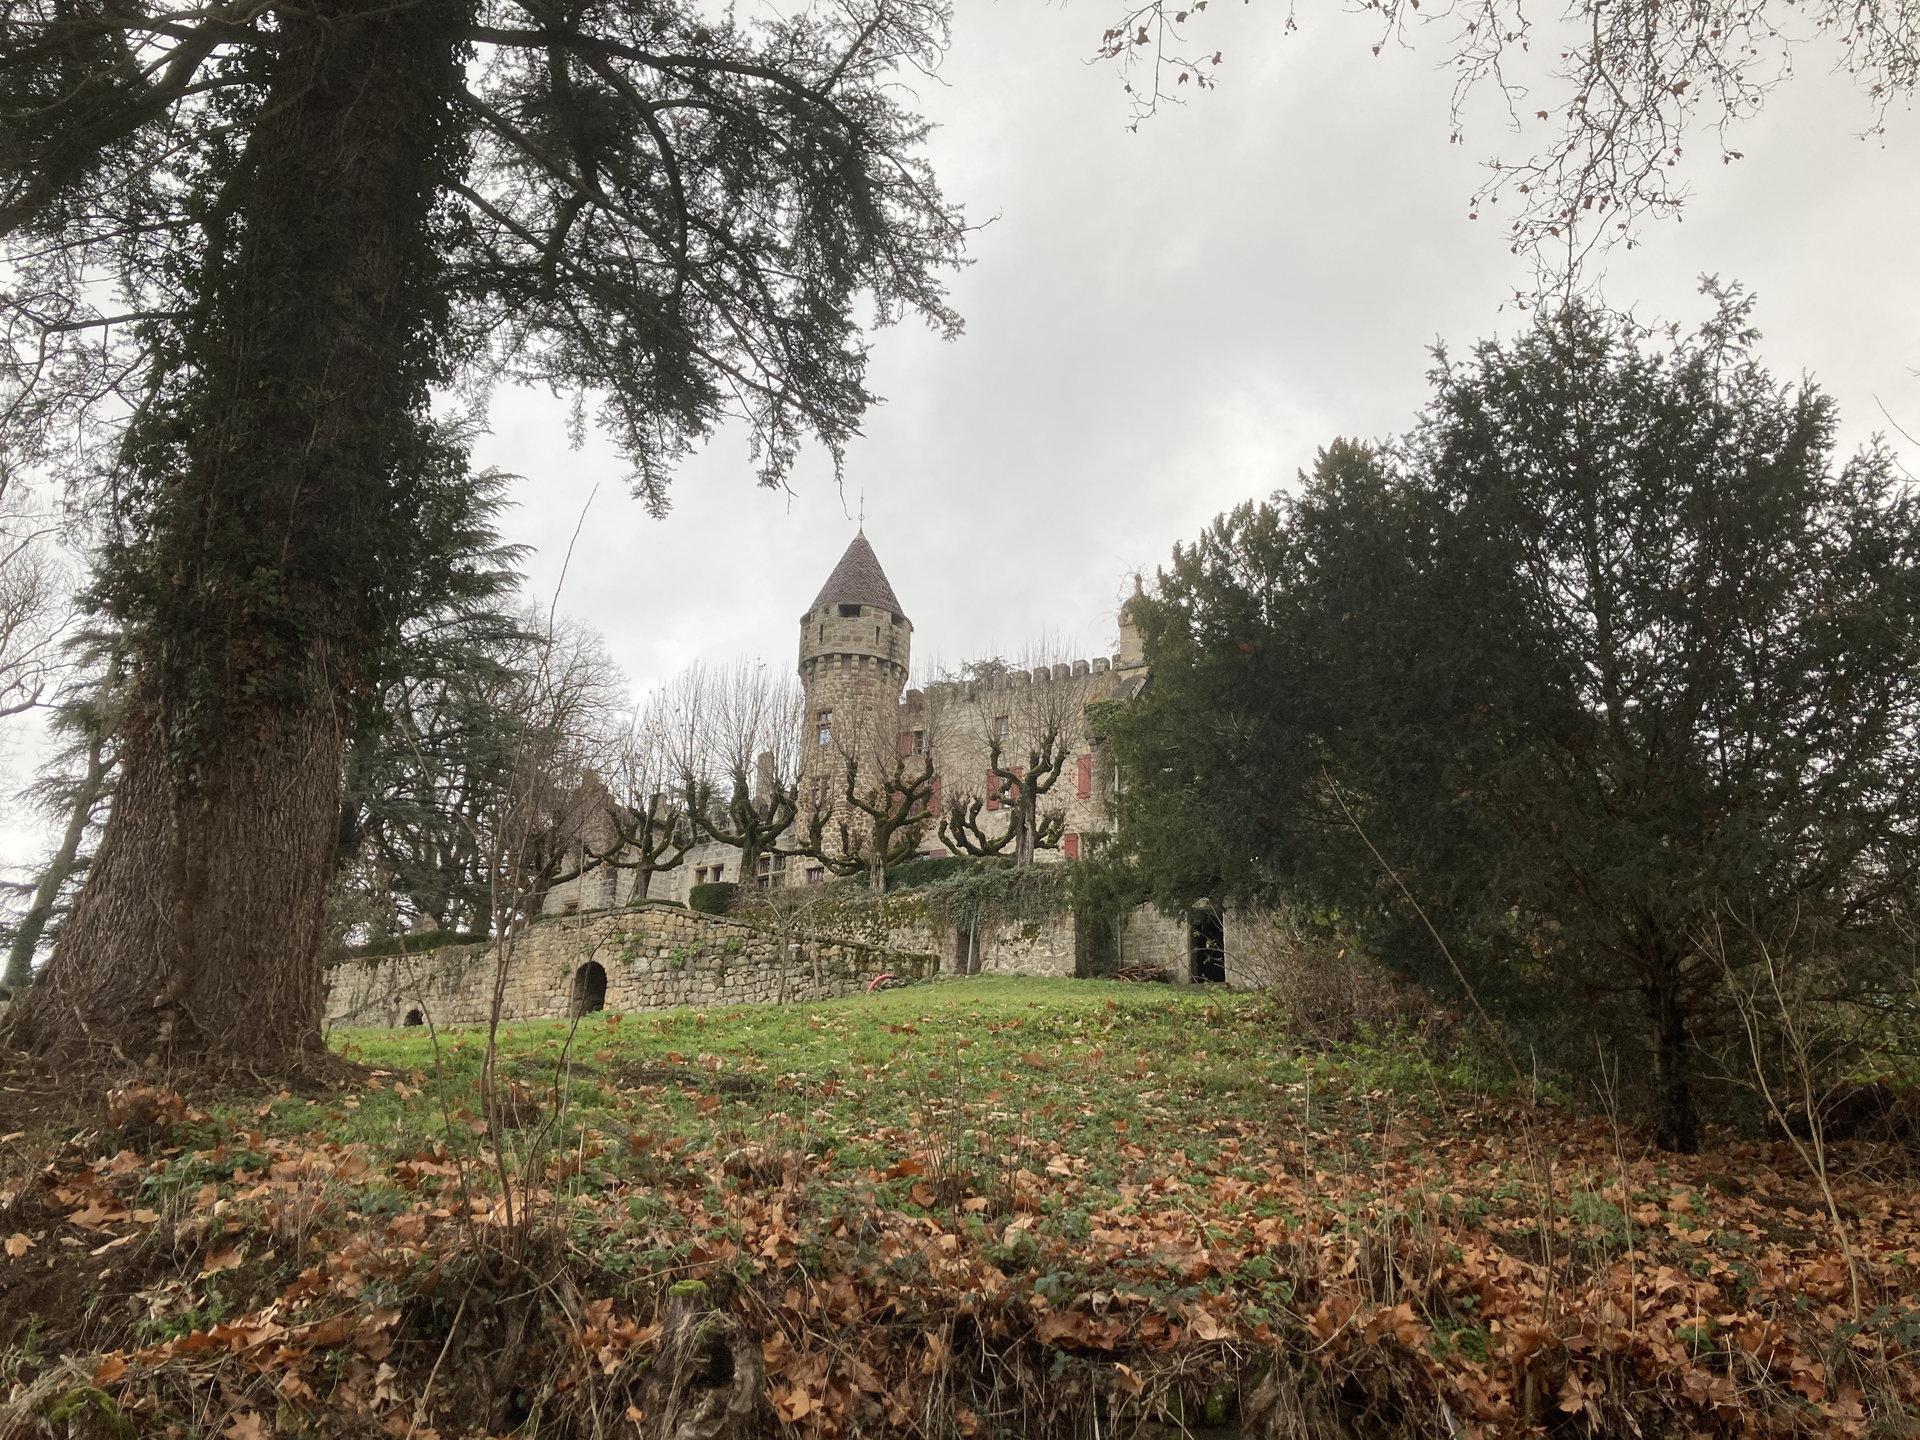 Chateau du XVème siècle dans son parc